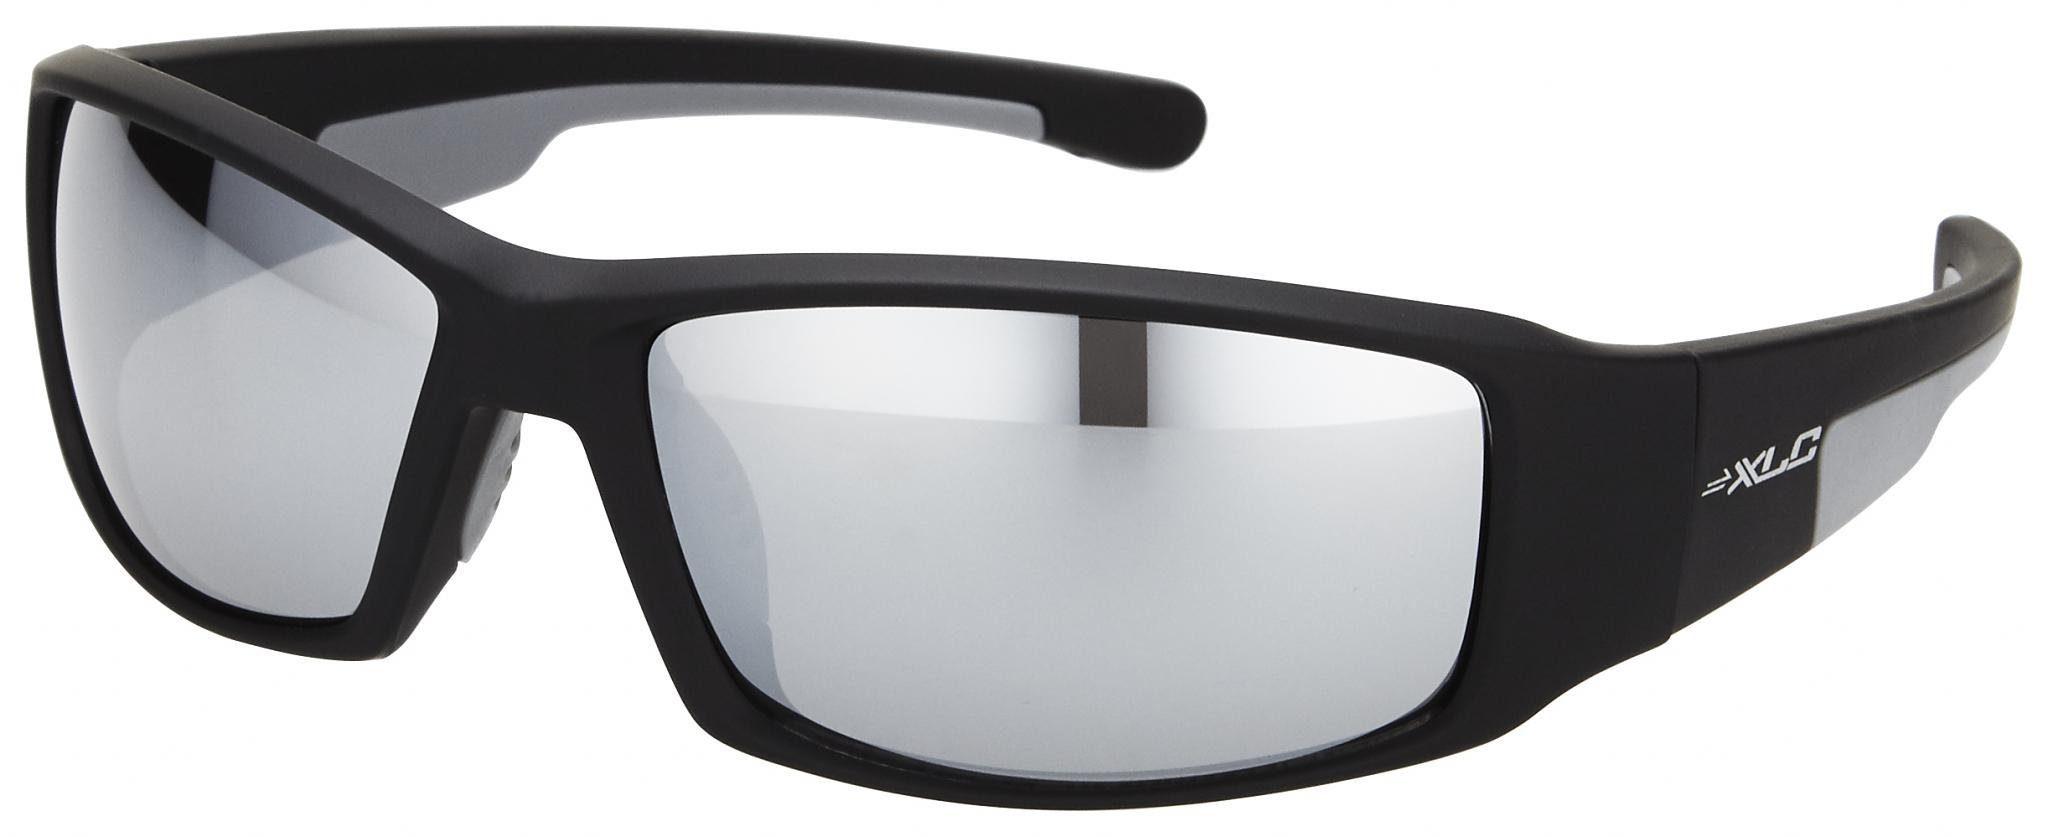 XLC Radsportbrille »Cayman Sonnenbrille«